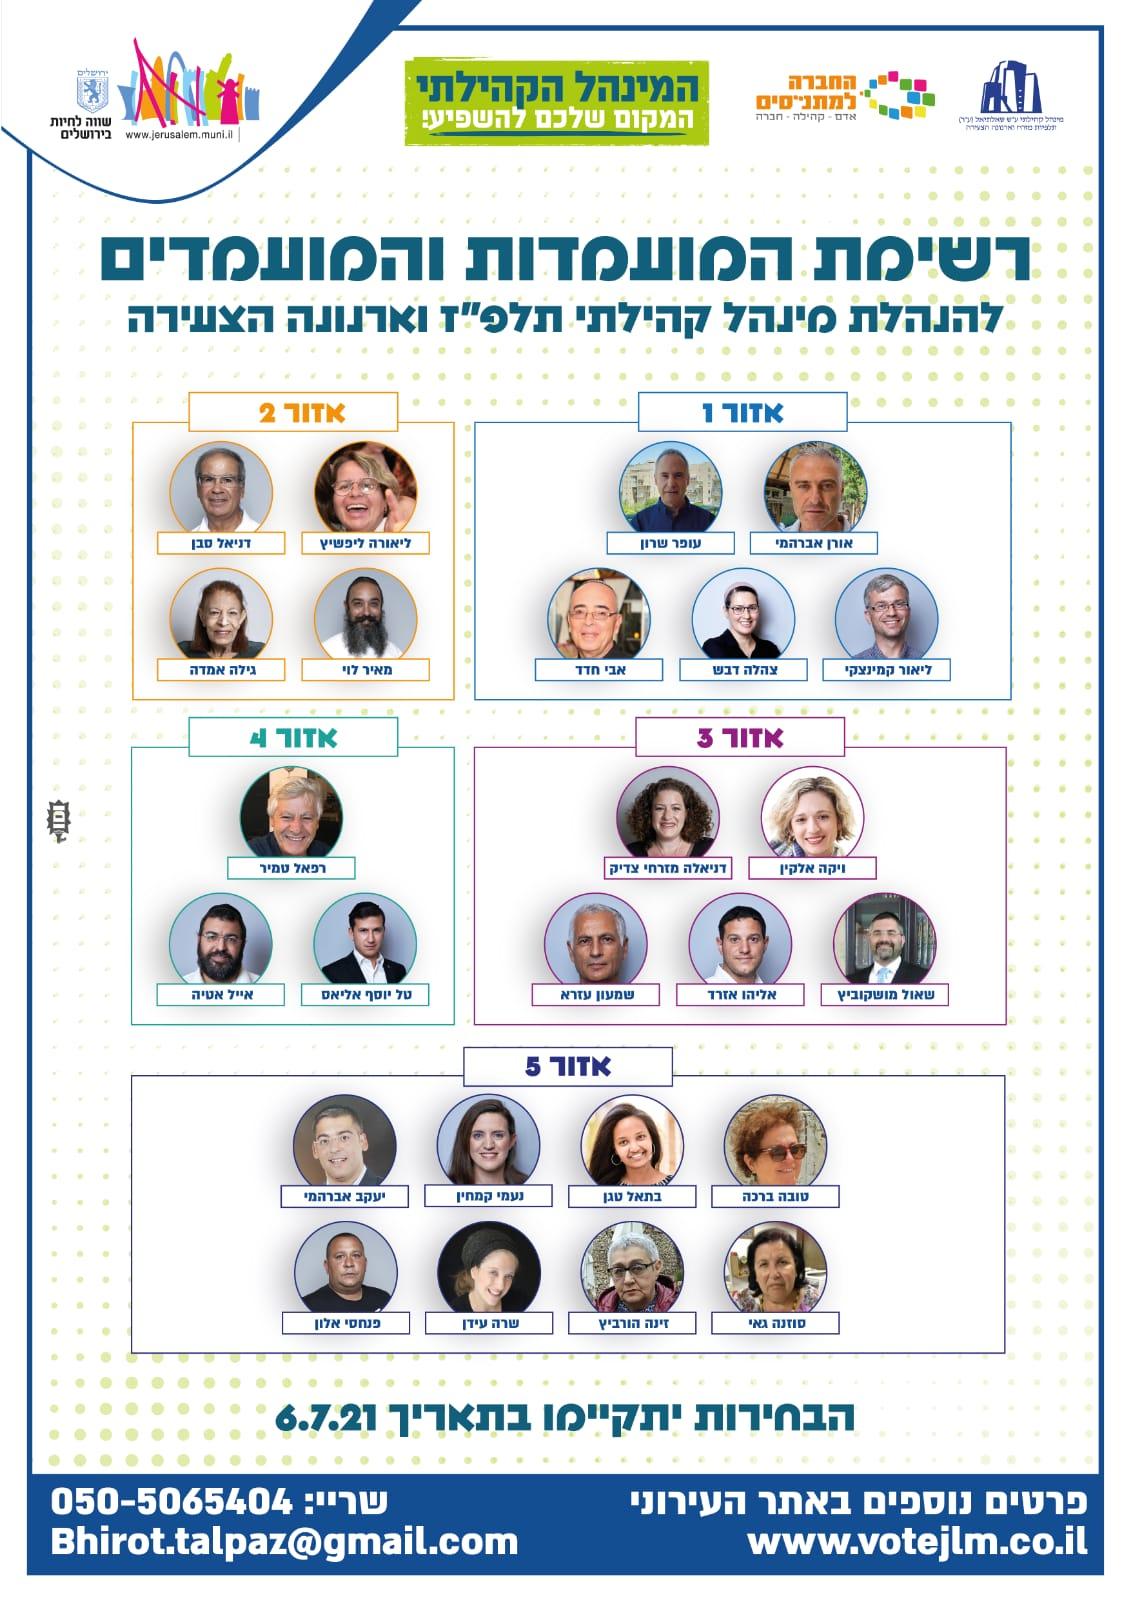 רשימת מועמדים